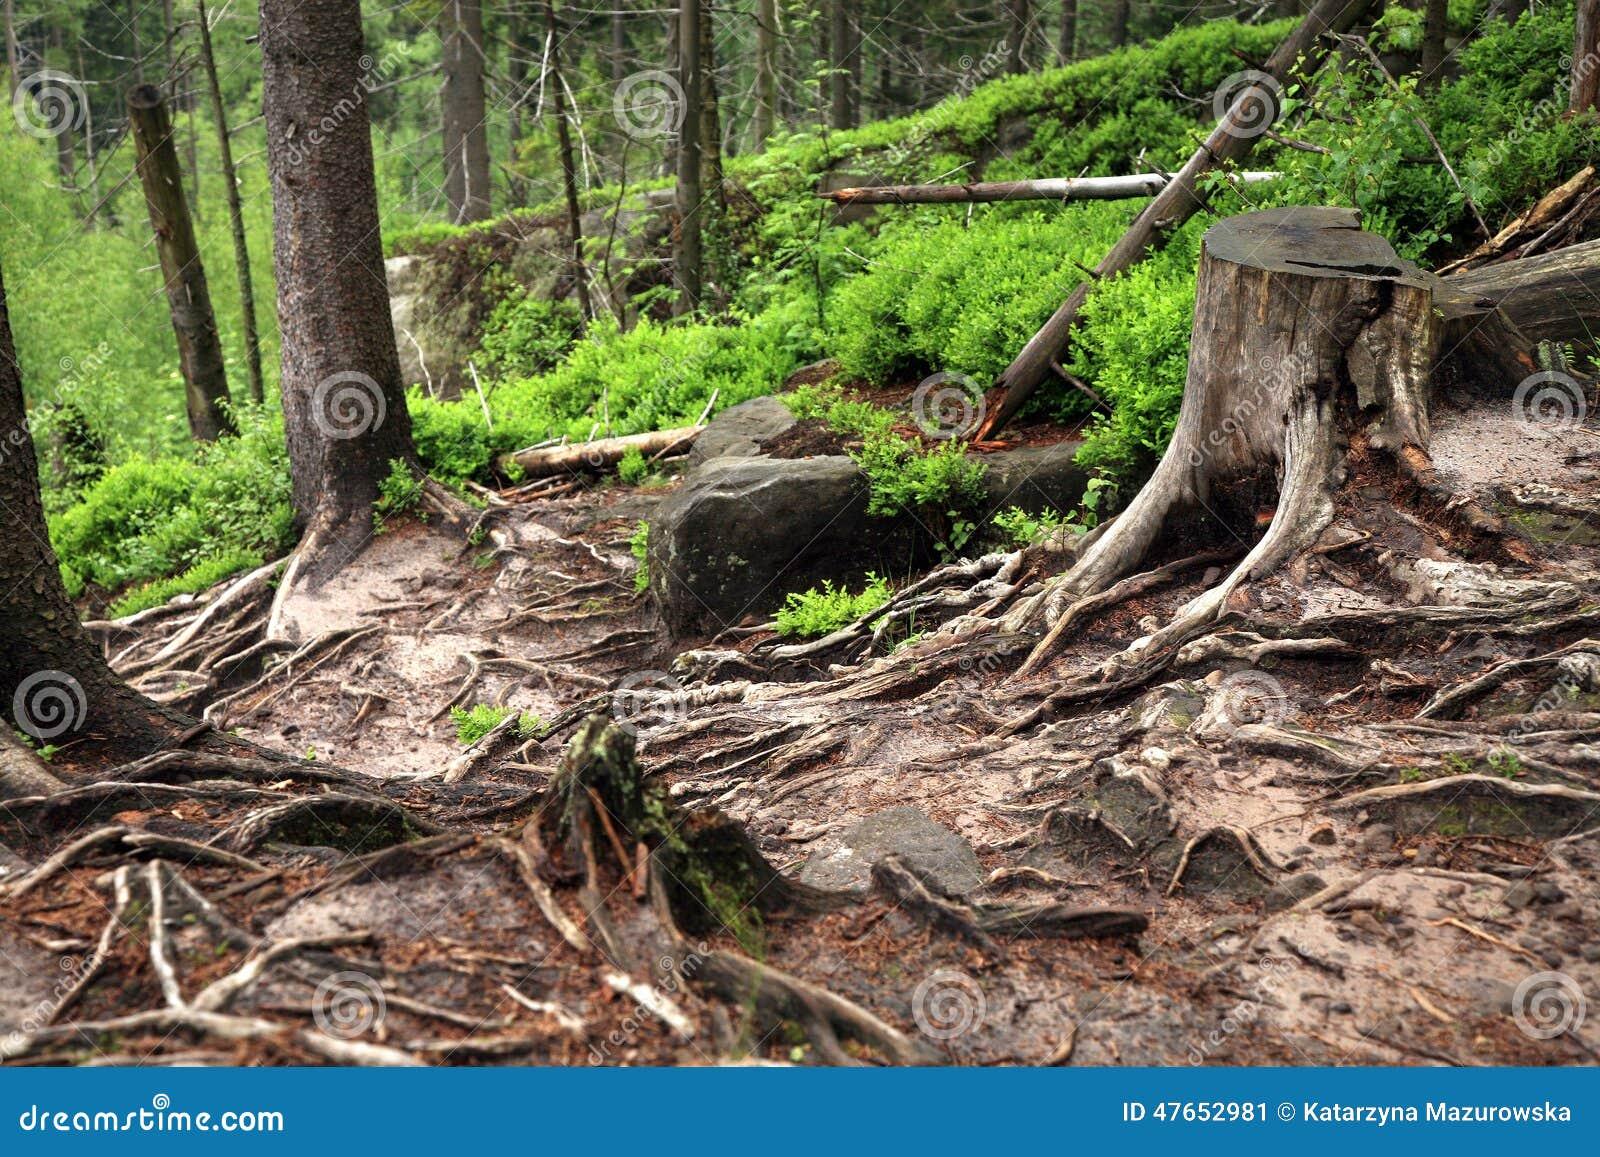 Fußboden Aus Polen ~ Gebirgspfad in den tafelbergen polen stockbild bild von grün